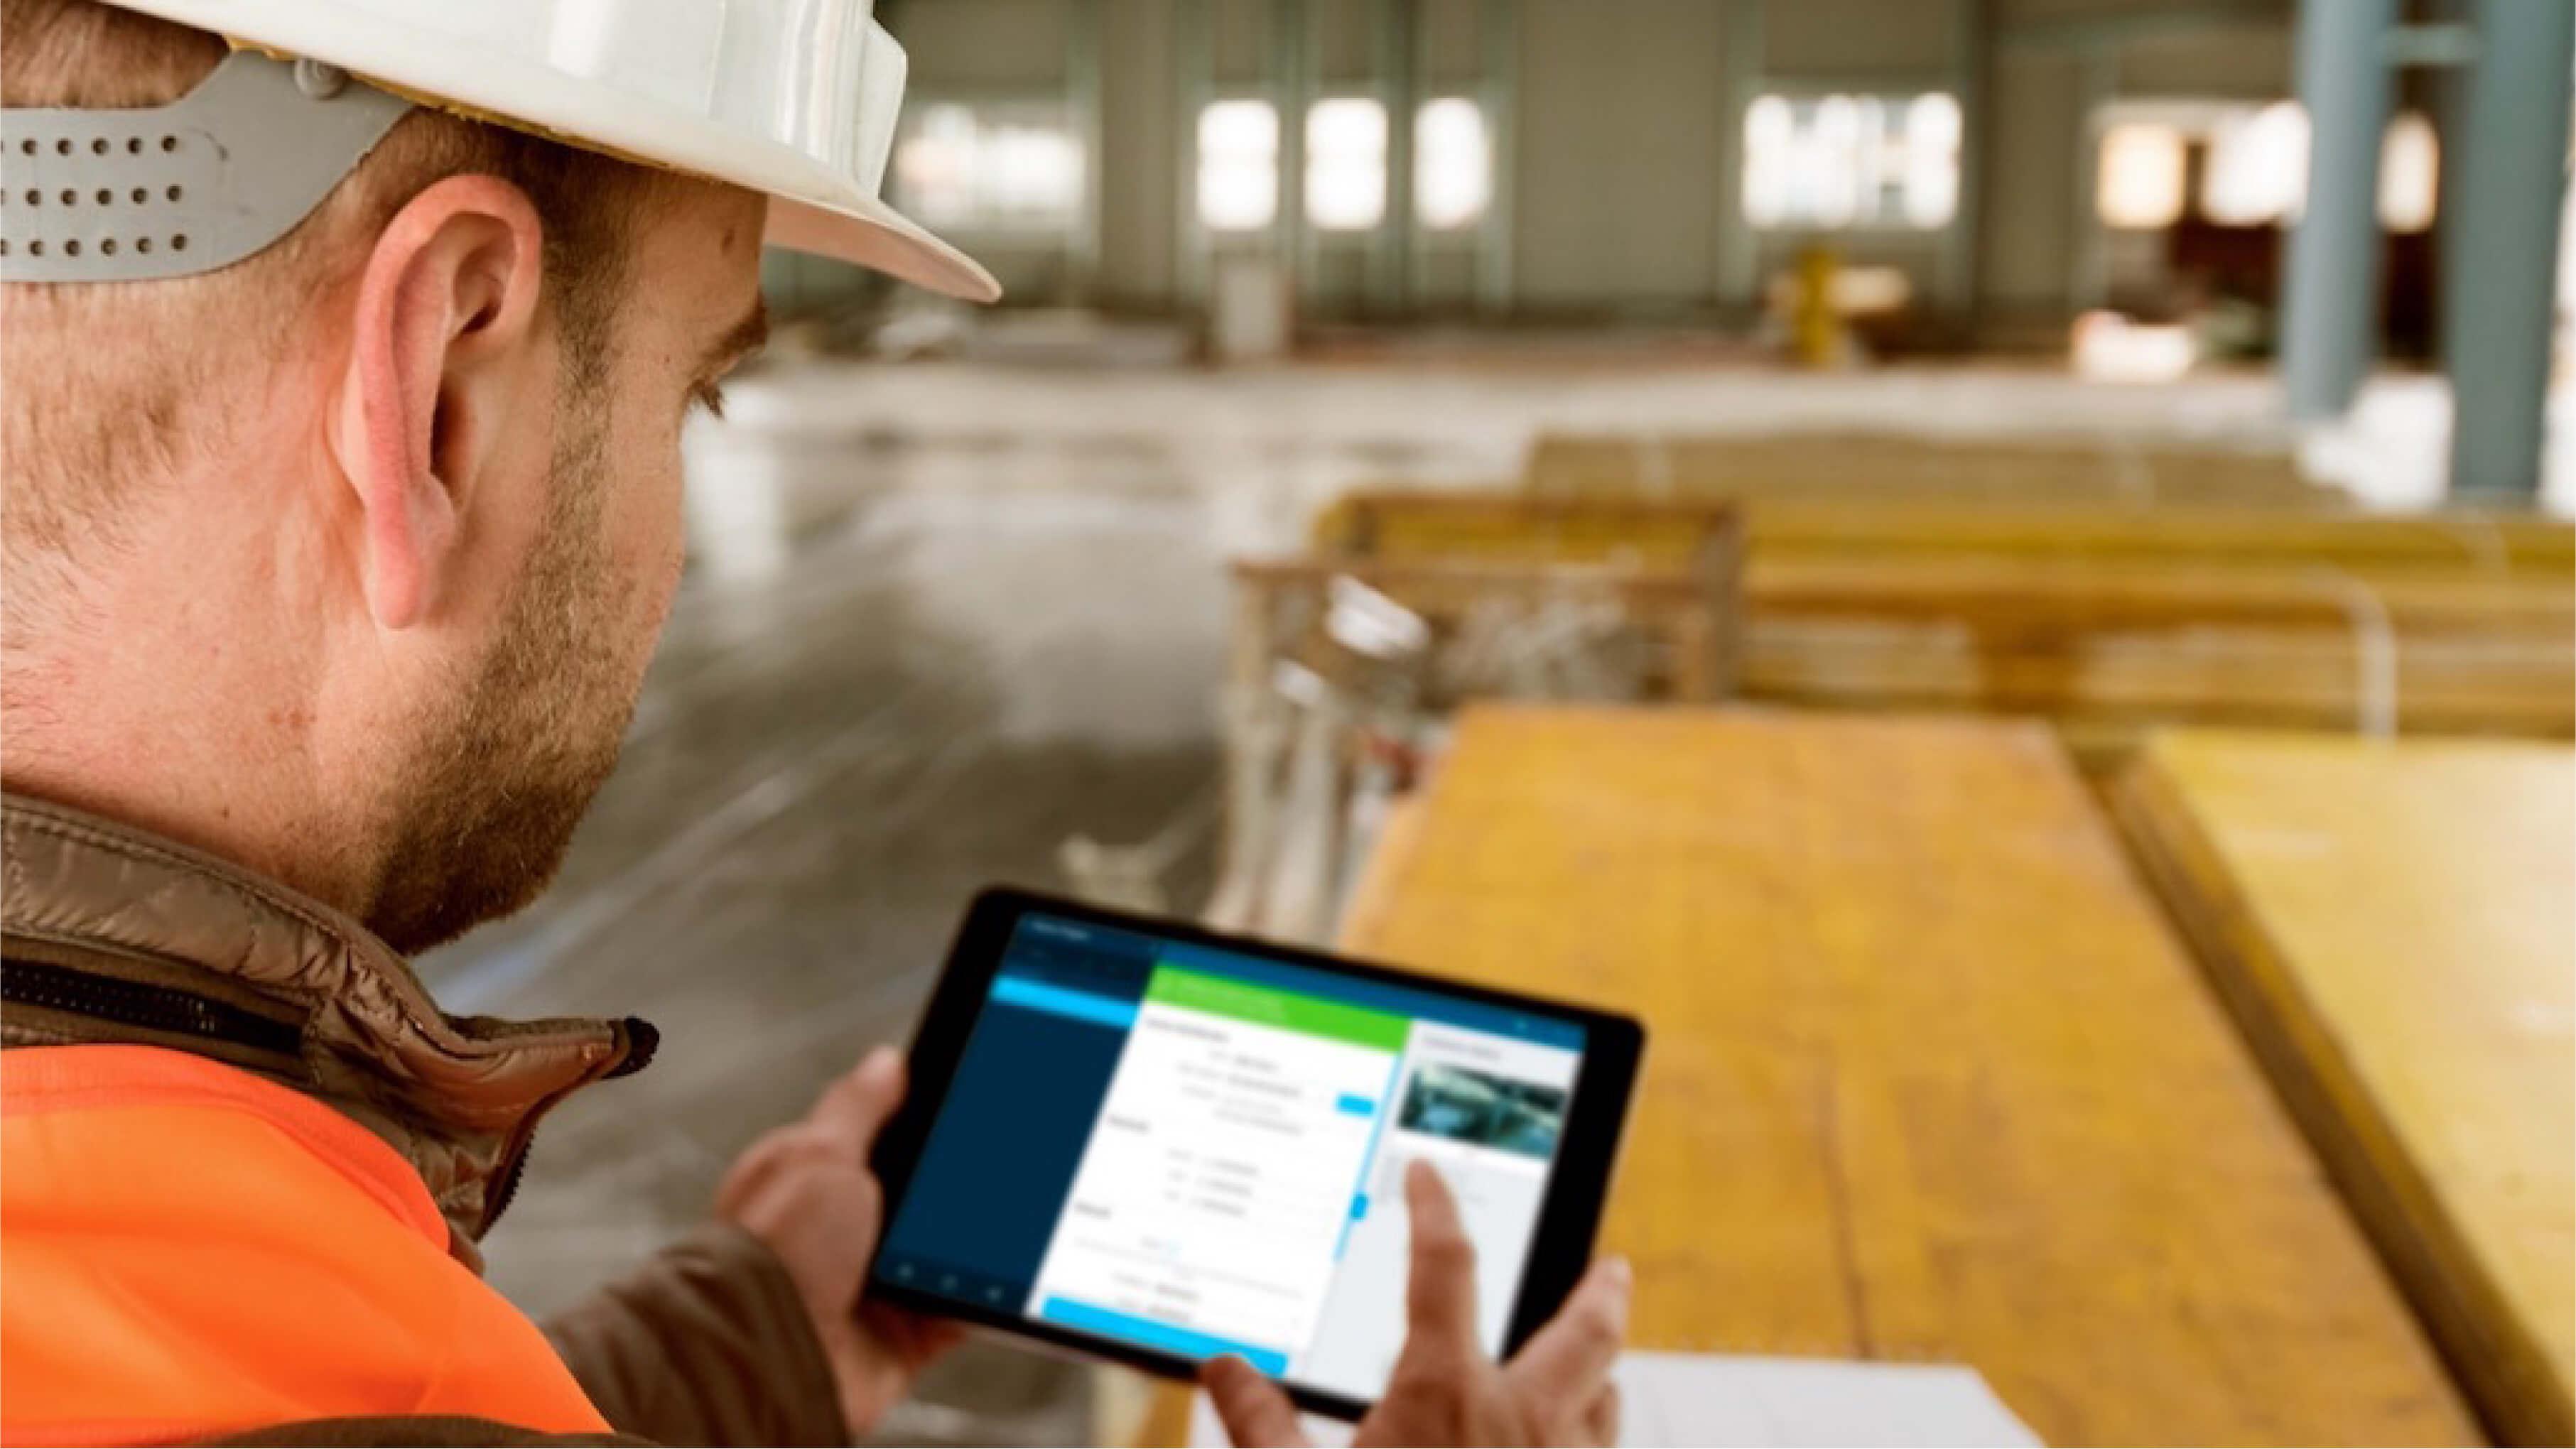 Ứng dụng trợ lý dự án cài đặt được trên nhiều nền tảng như iOS, Android, Windows